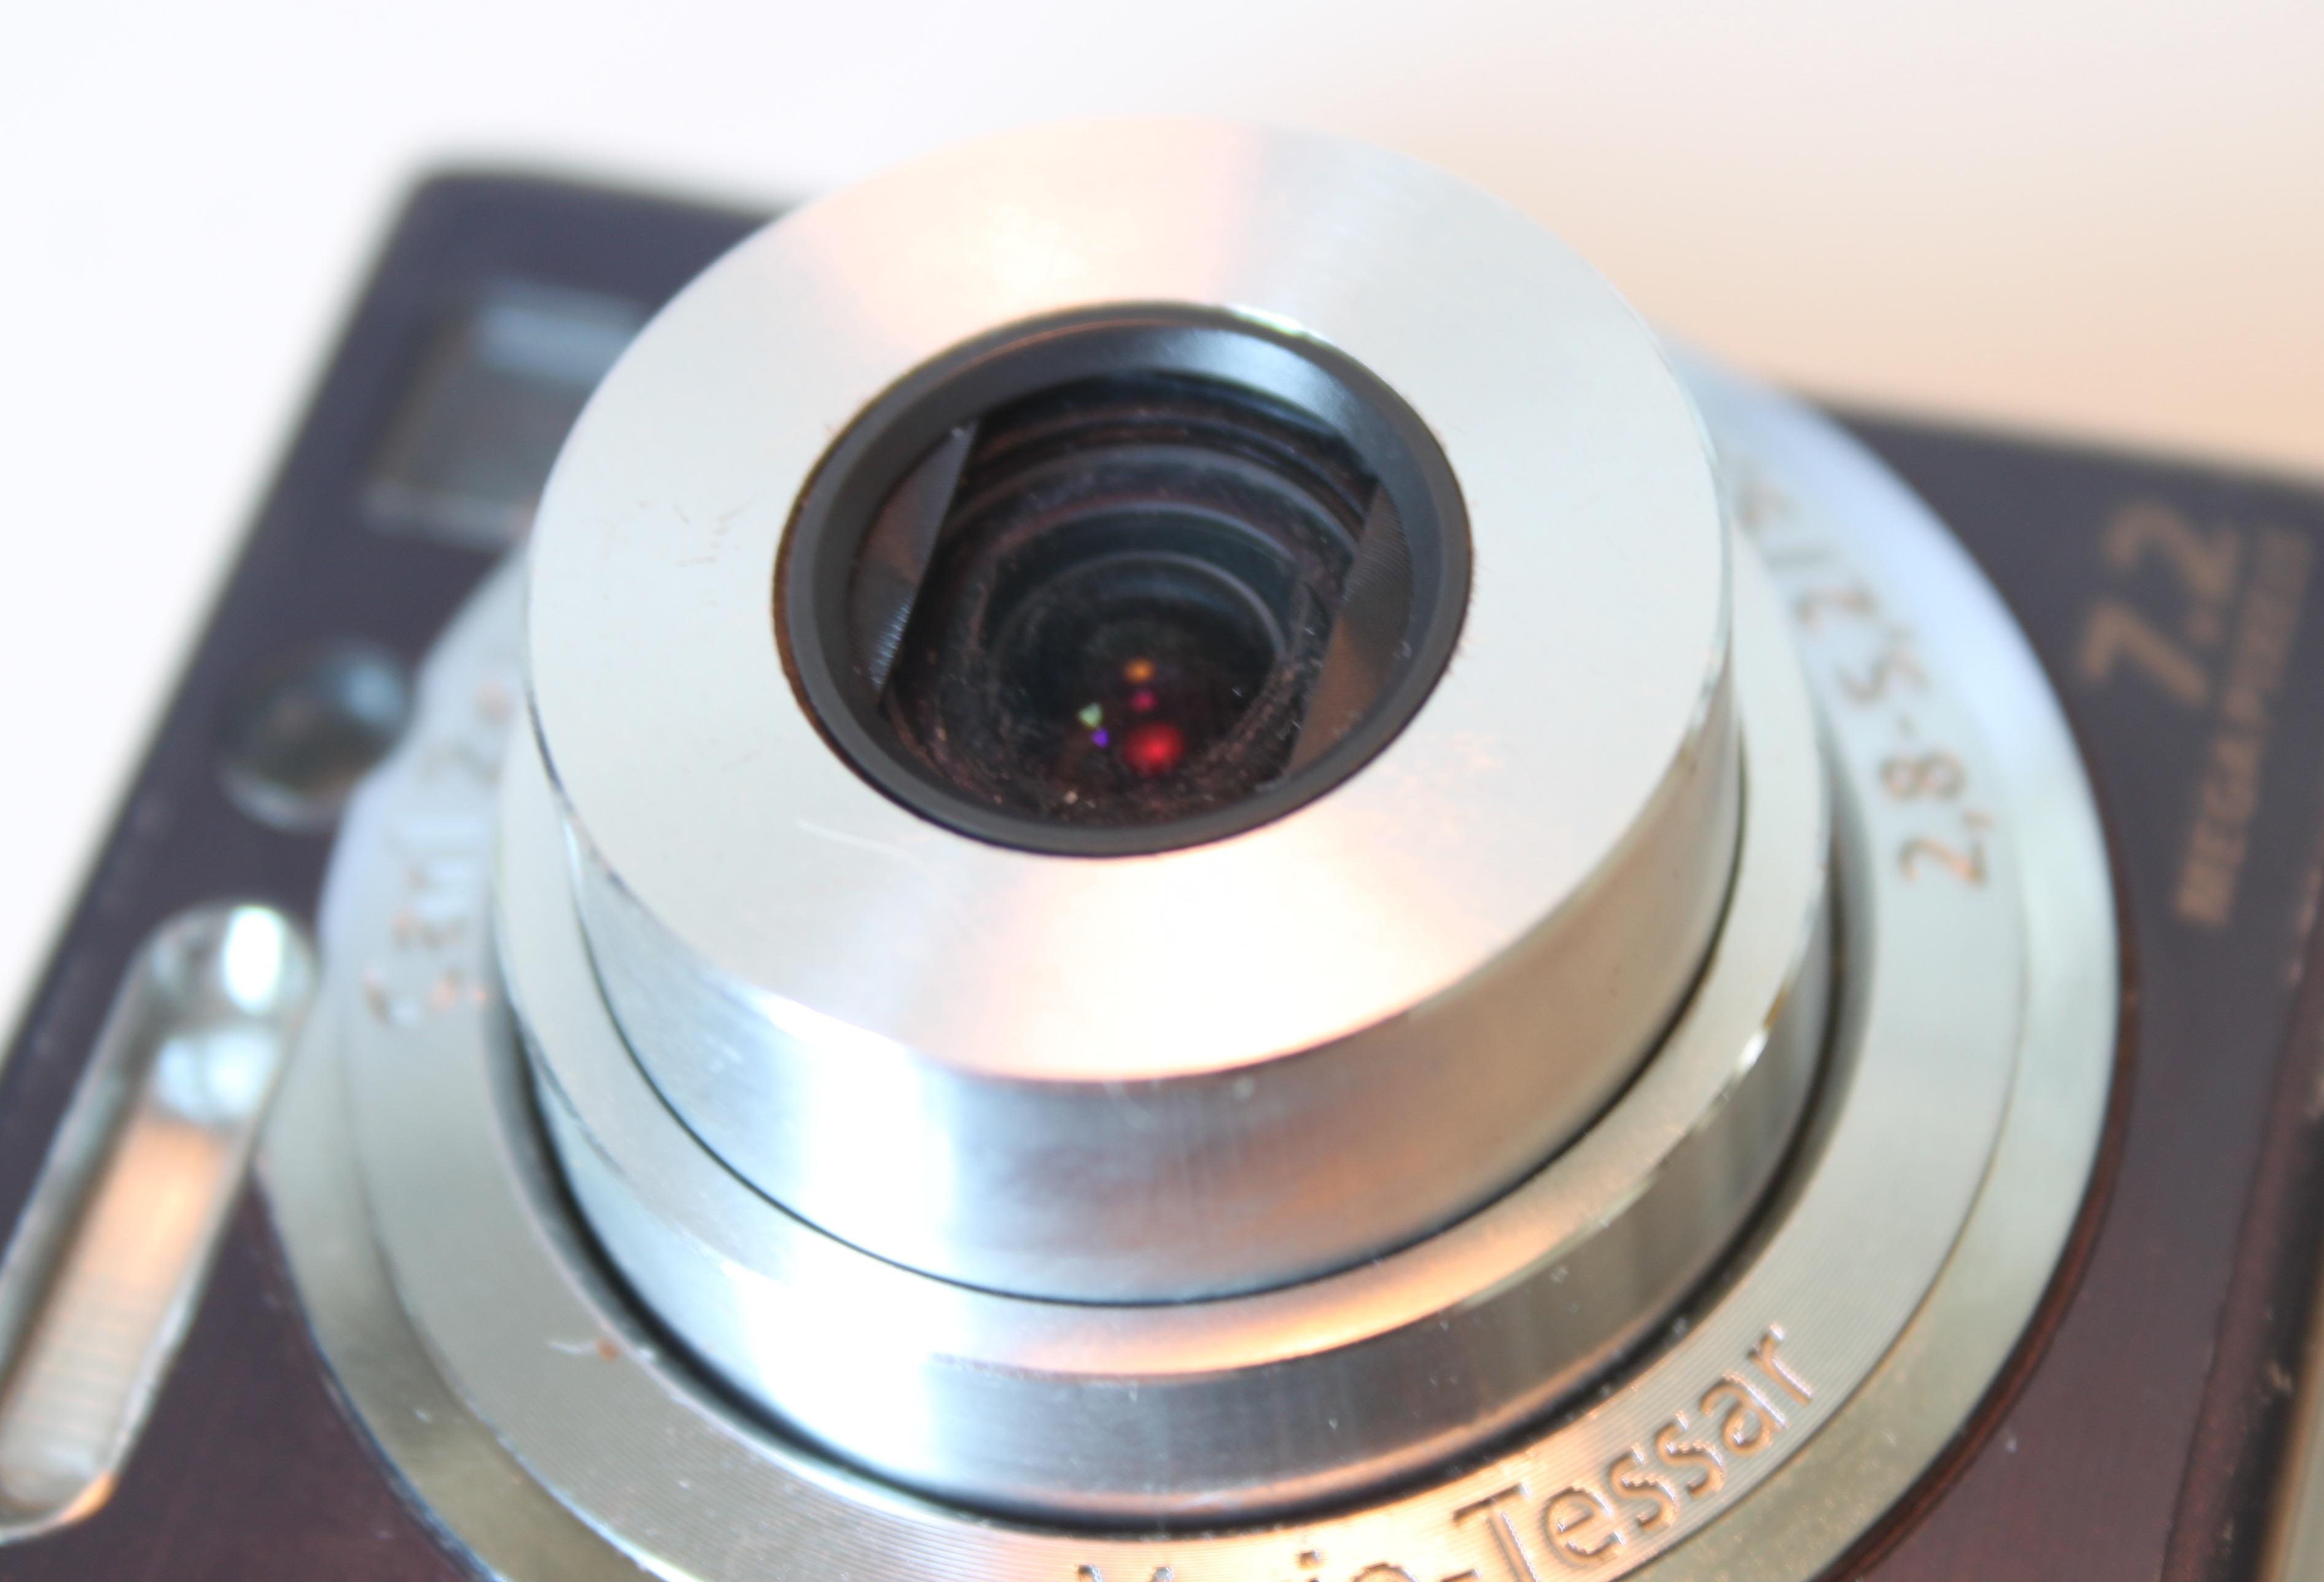 Limpieza de lentes, cómo limpiar las lentes de tu cámara